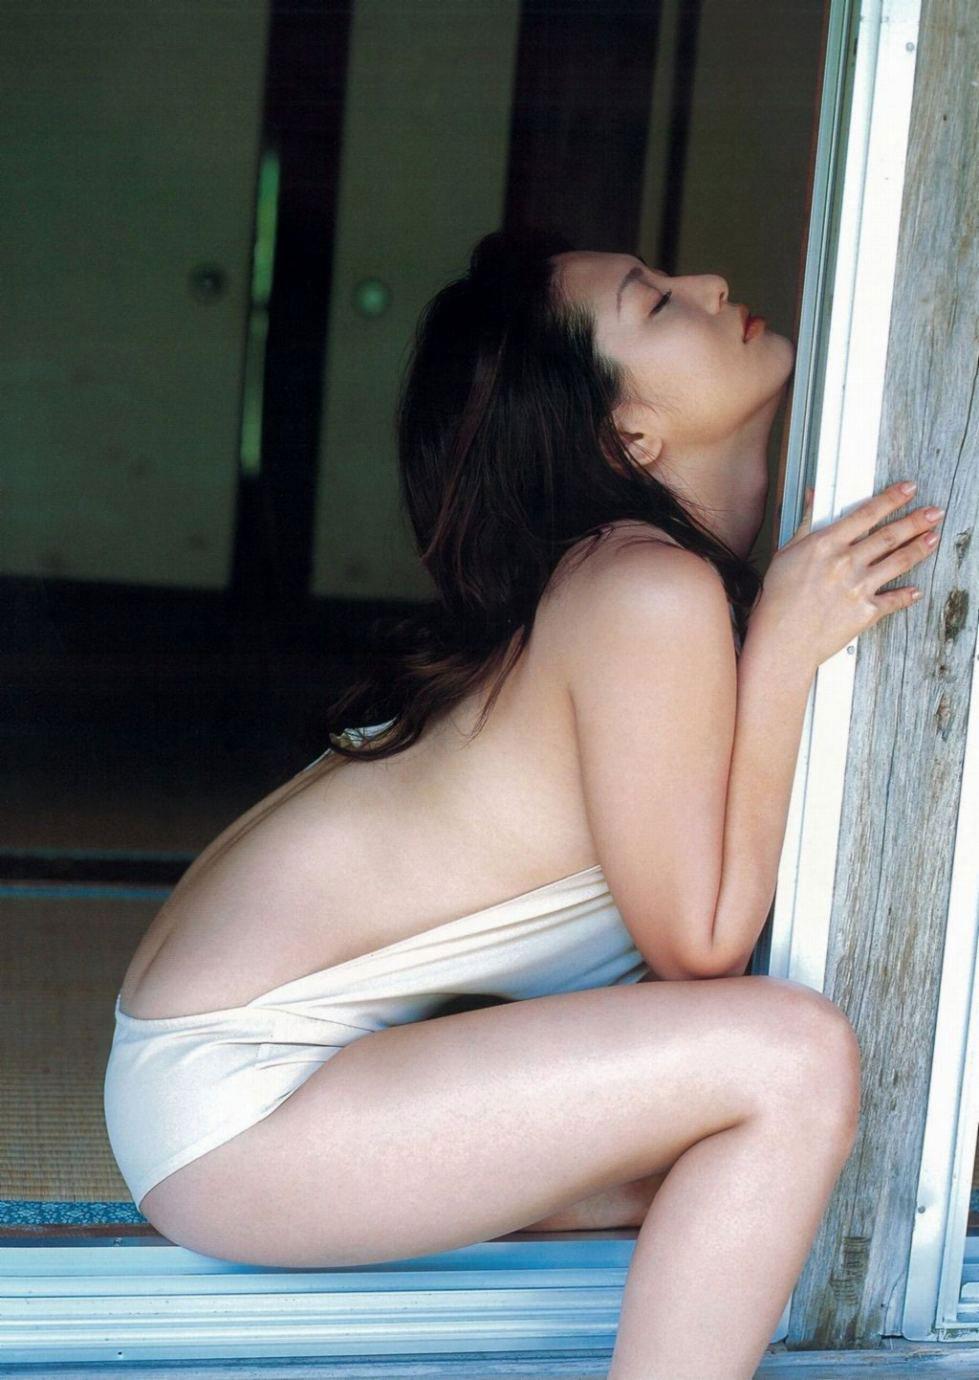 【背中エロ画像】スタイルのいい女性は背中を晒しておけば誰でも落とせるwww 03